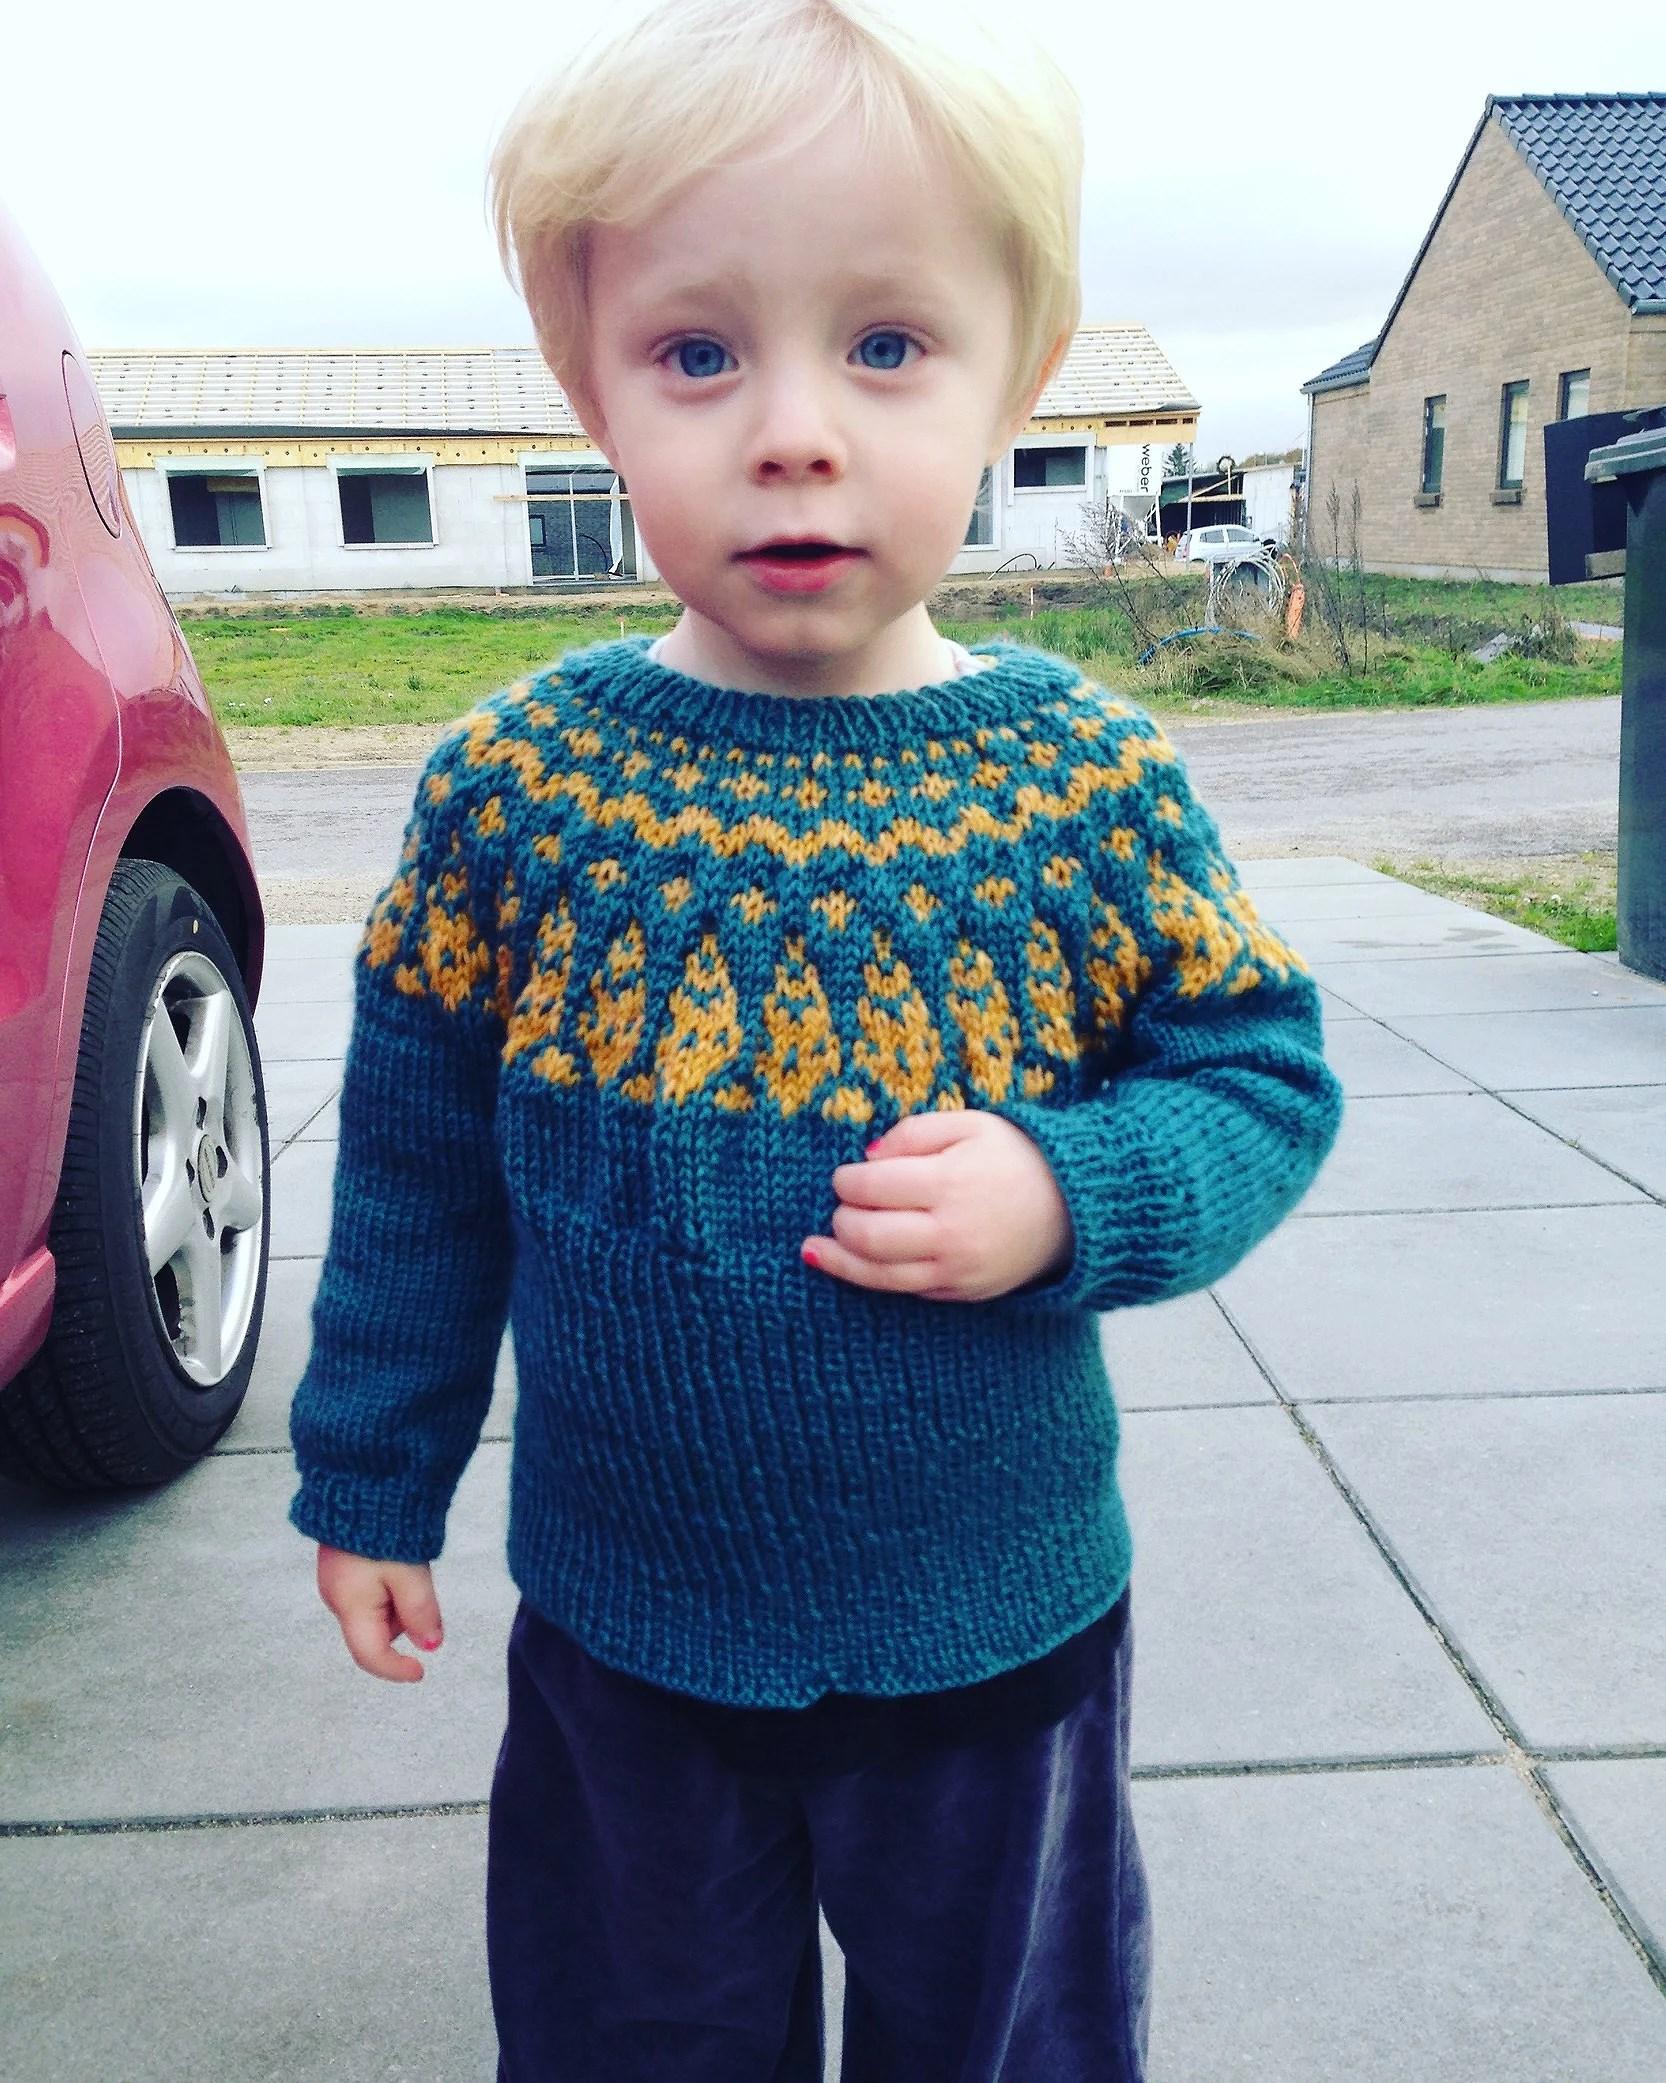 Drengen med de blå øjne